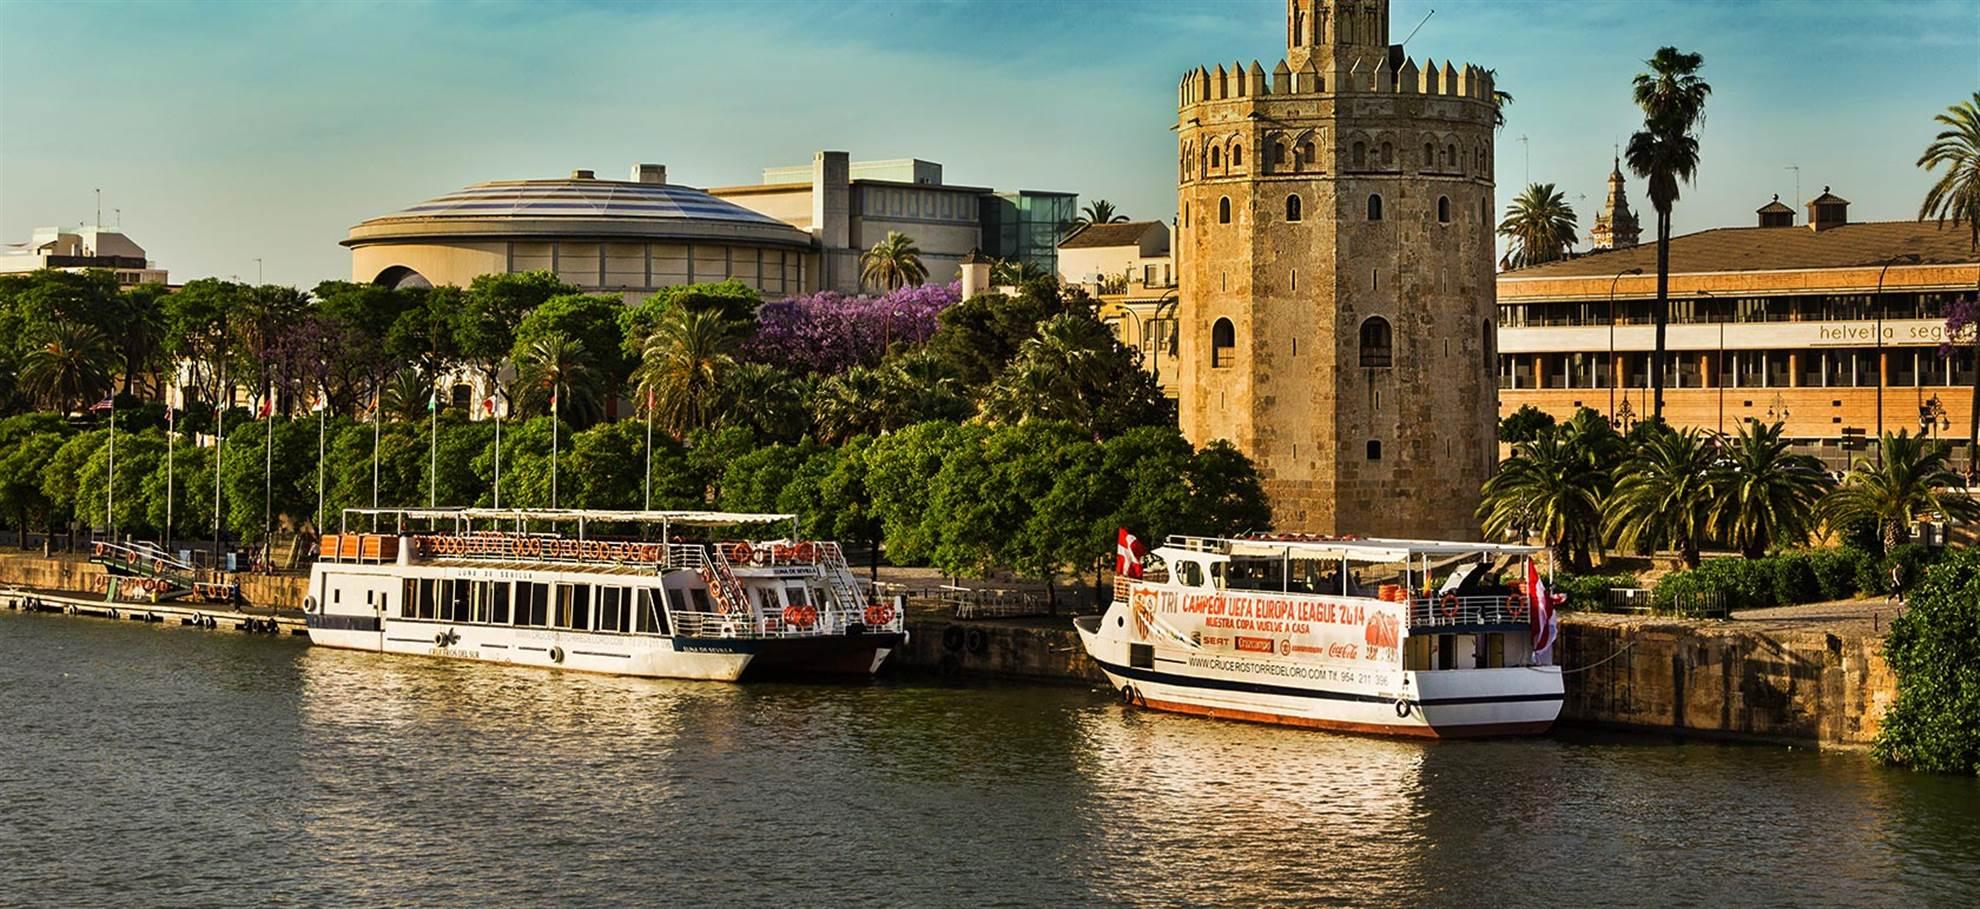 Guadalquivir Cruise (SVQGUADA)